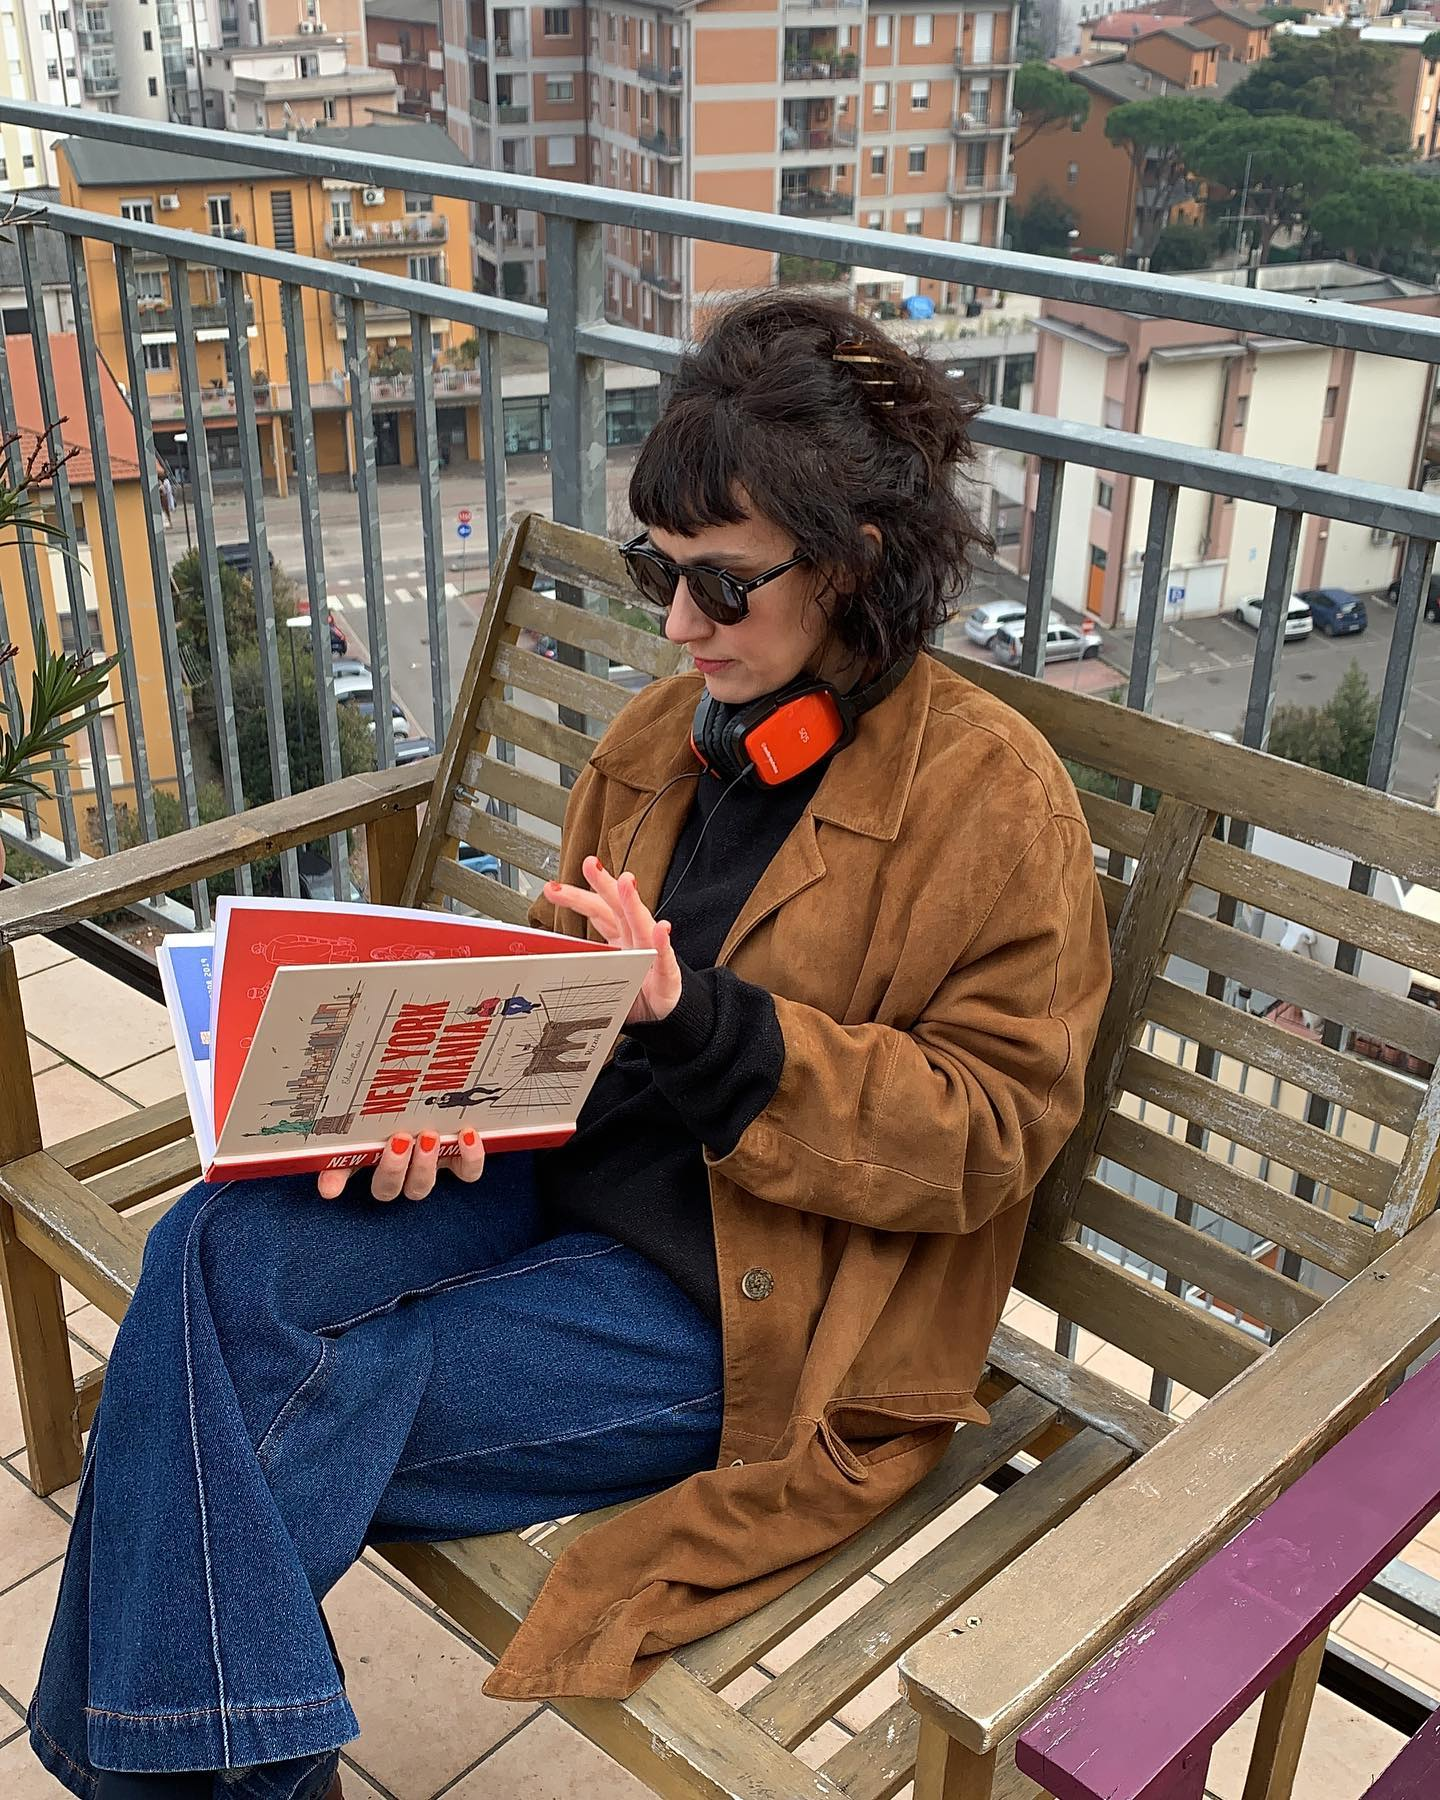 ragazza seduta su panchina con in mano libro su New York e indosso occhiali da sole Moscot